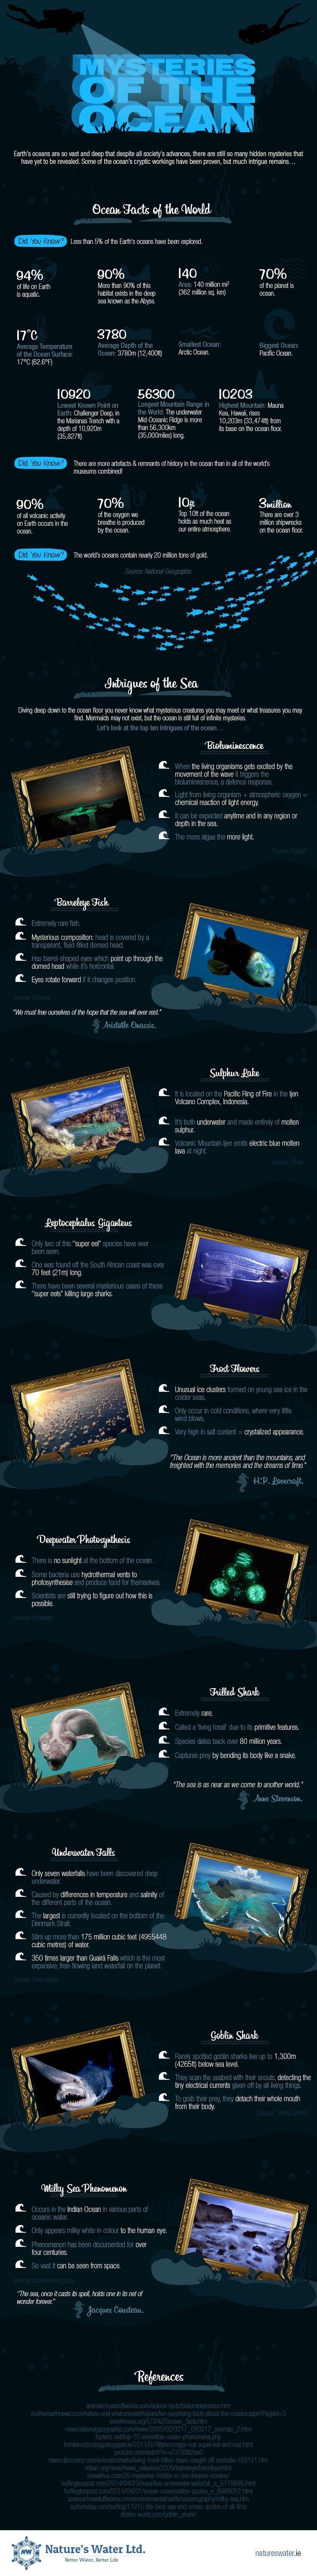 Oceans Mysteries